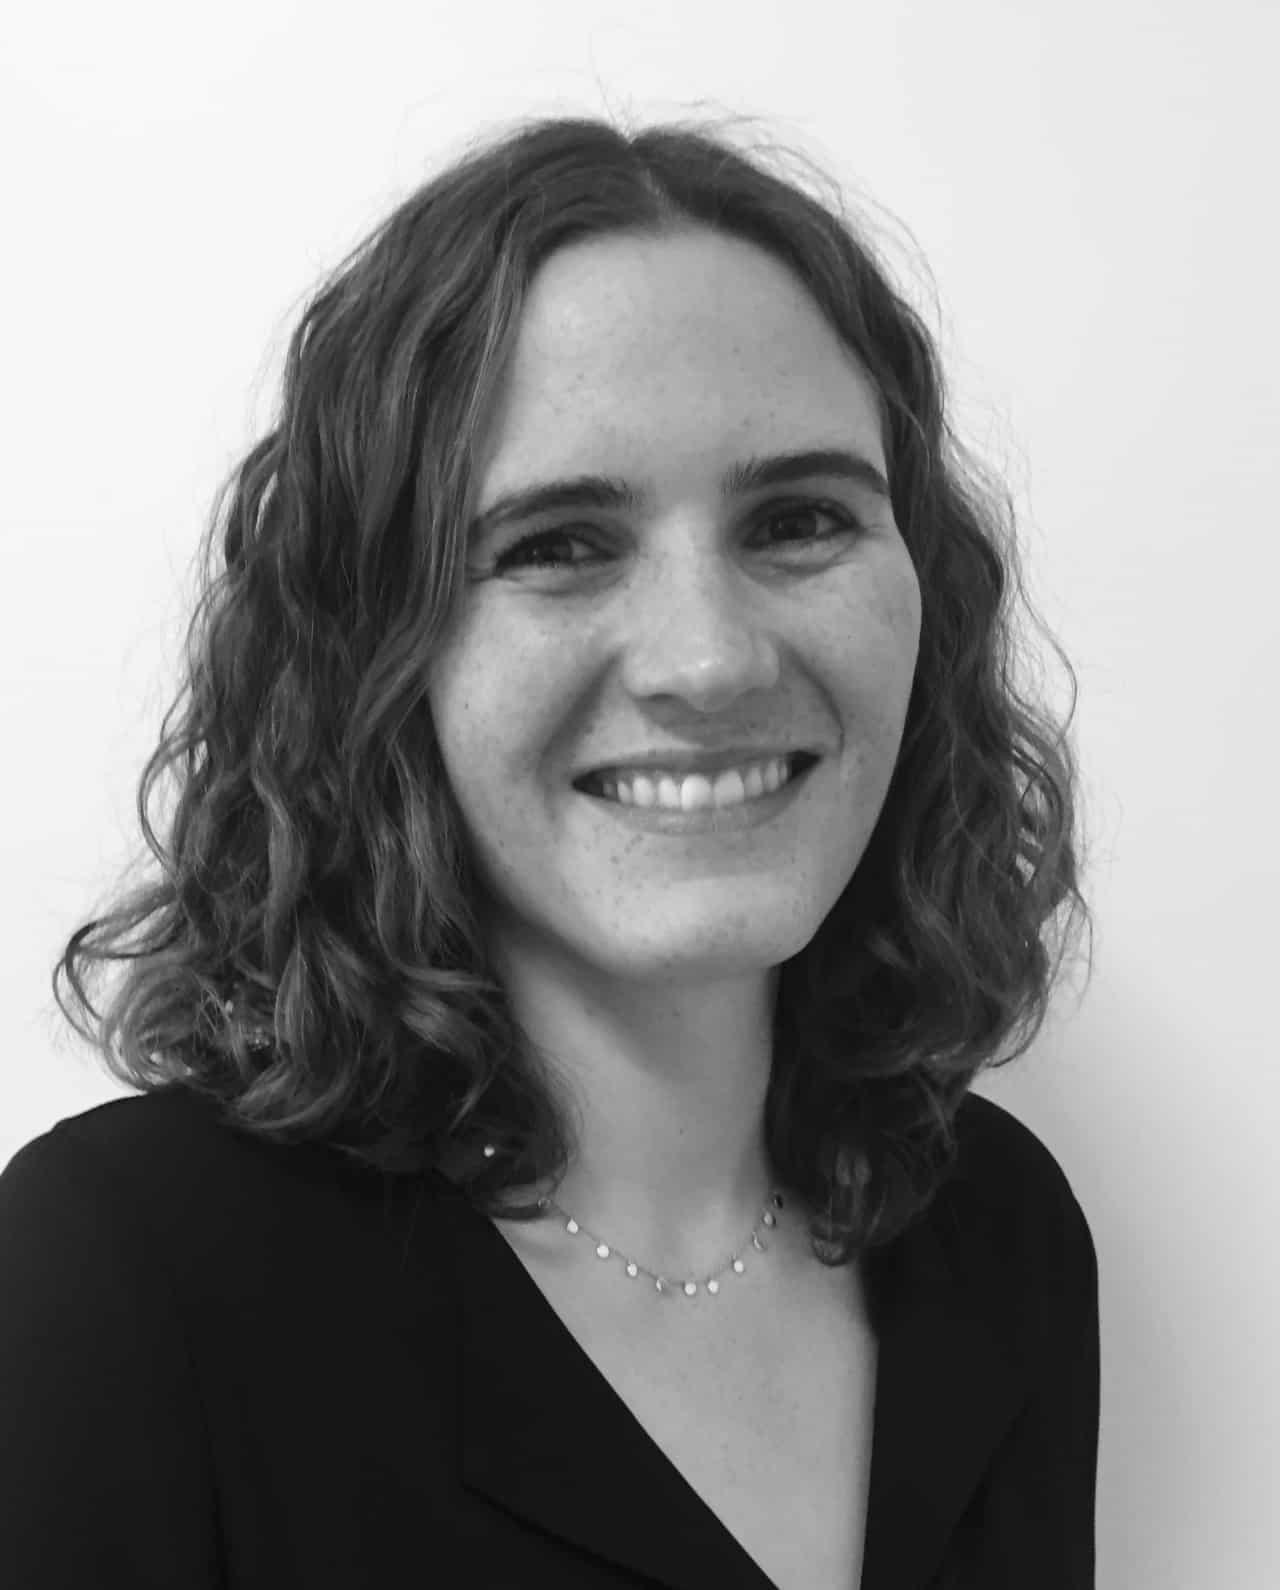 Susanne Rønnow Jensen autoriseret psykolog og daglig leder hos psykologhuset MindMinders i Aabenraa